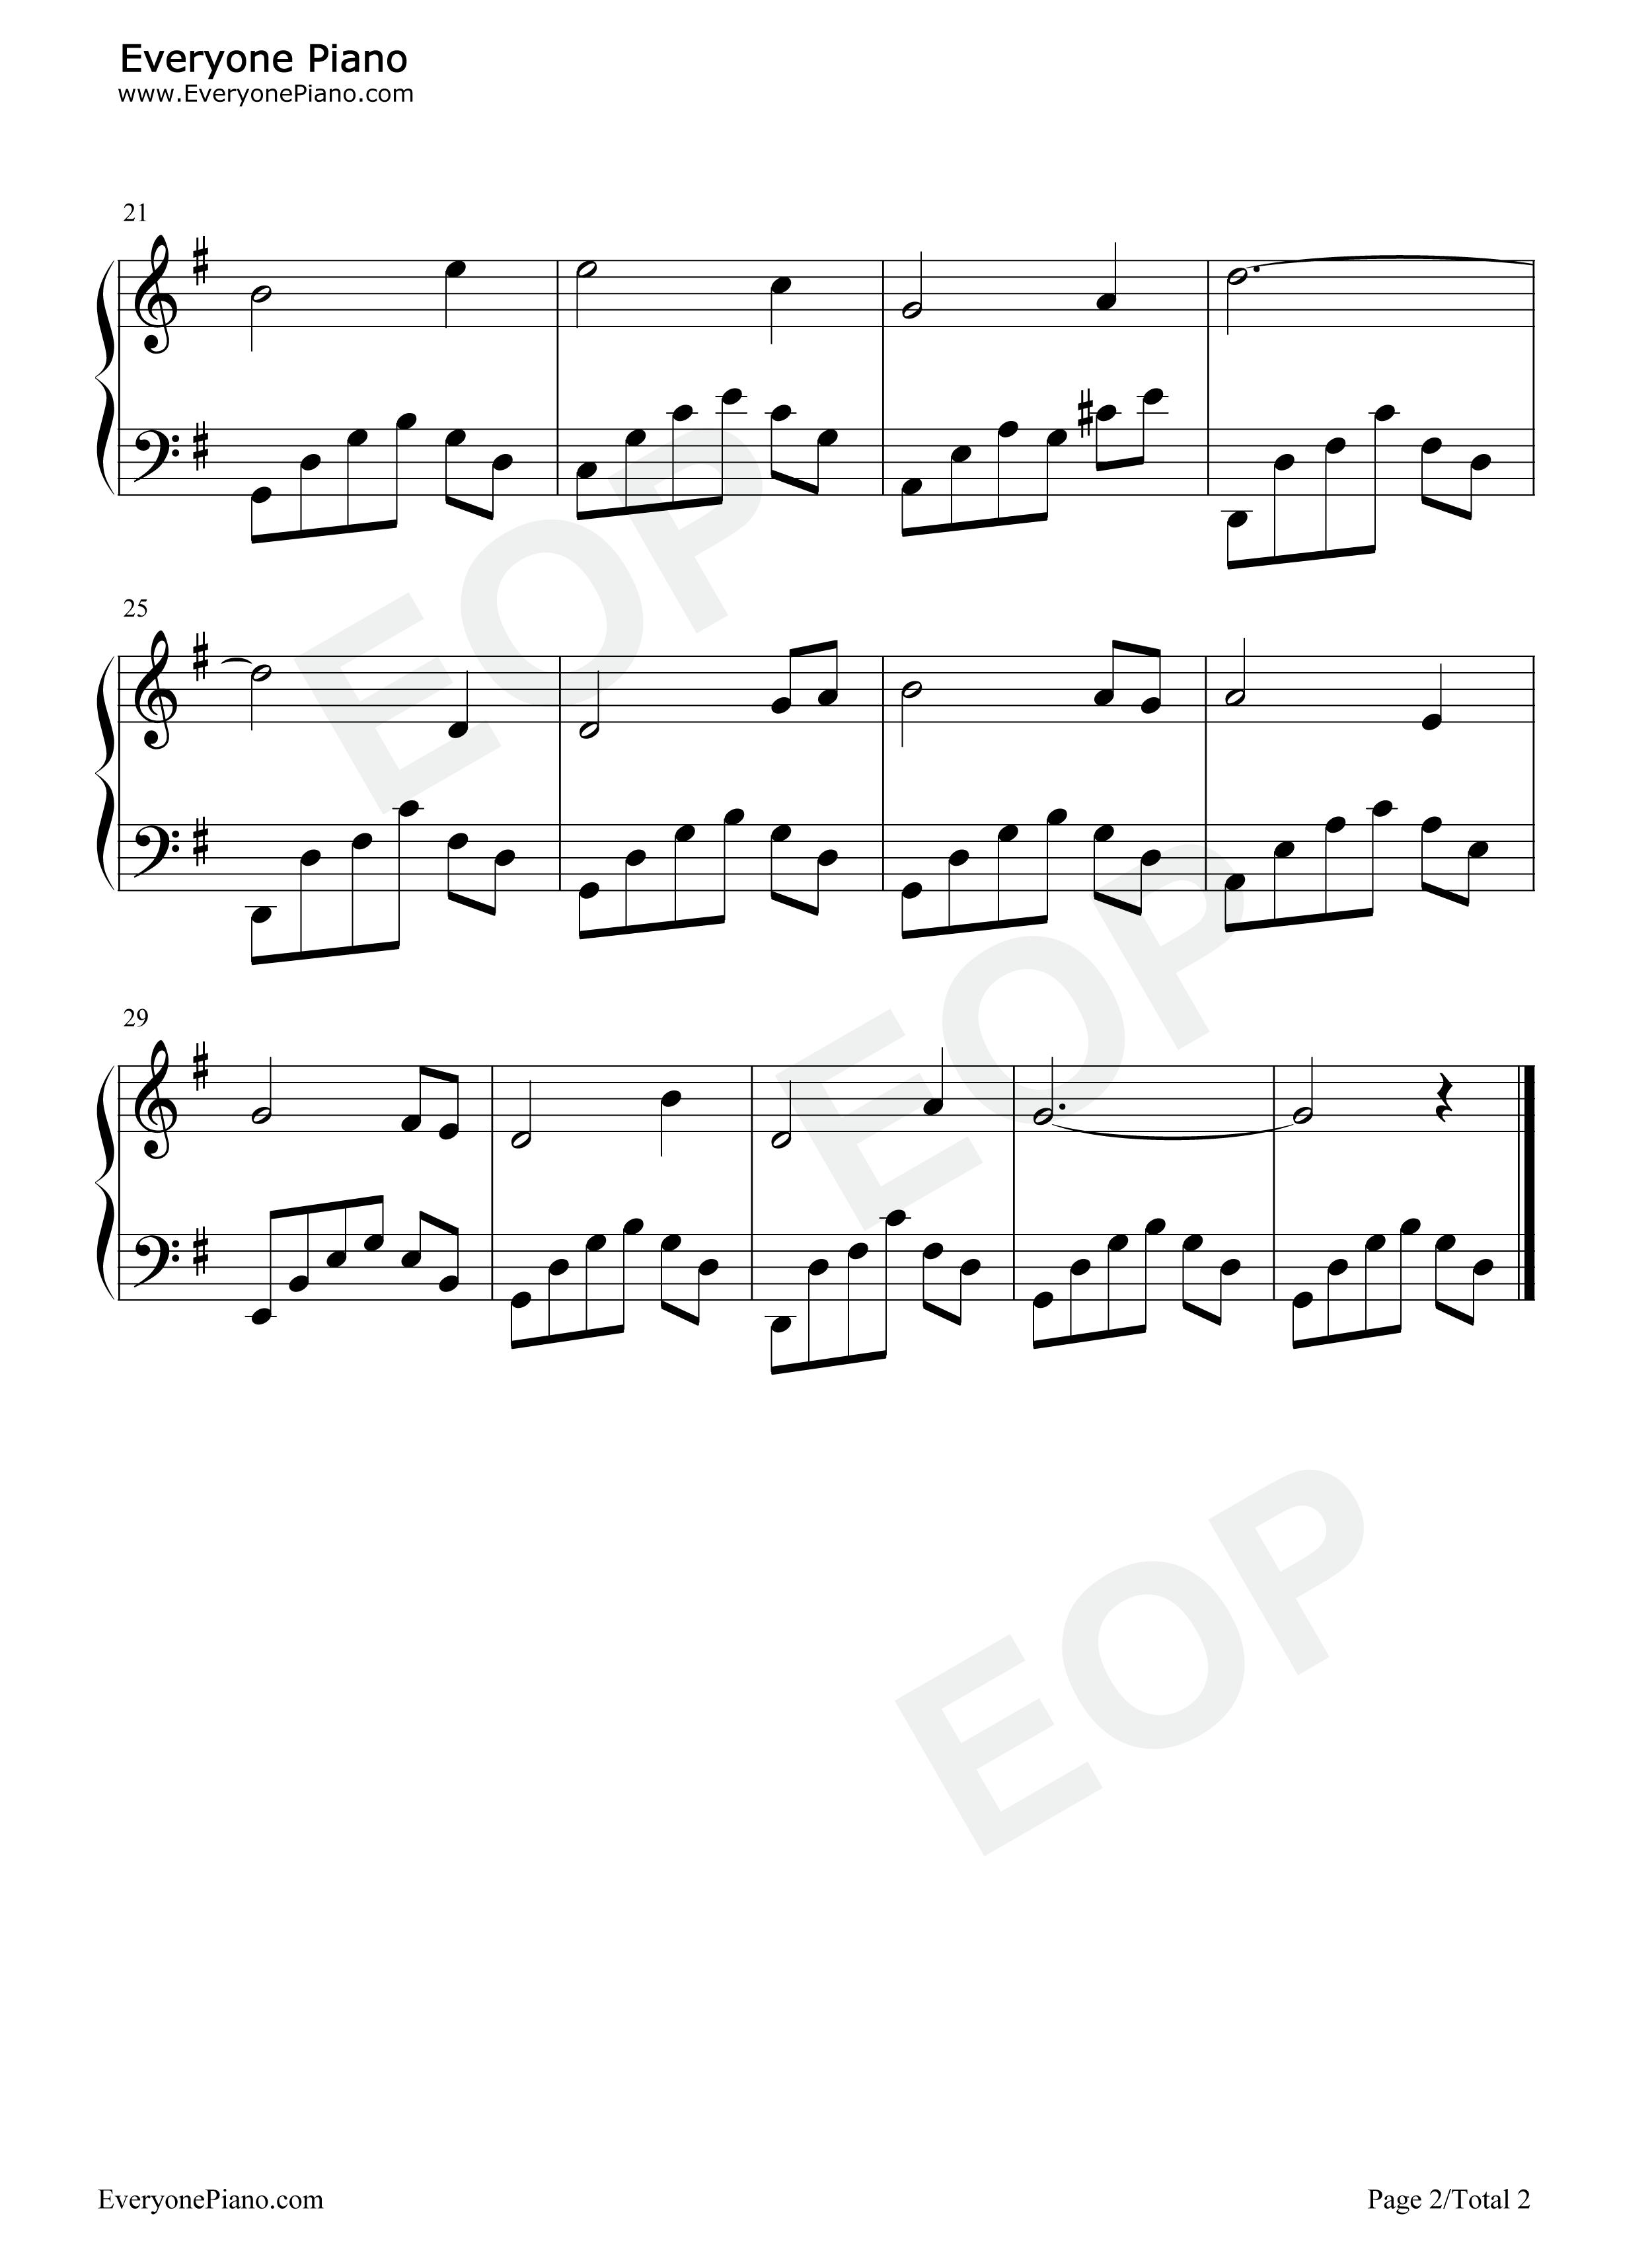 钢琴曲谱 流行 海滨之歌-浜辺の歌-日本歌曲 海滨之歌-浜辺の歌-日本